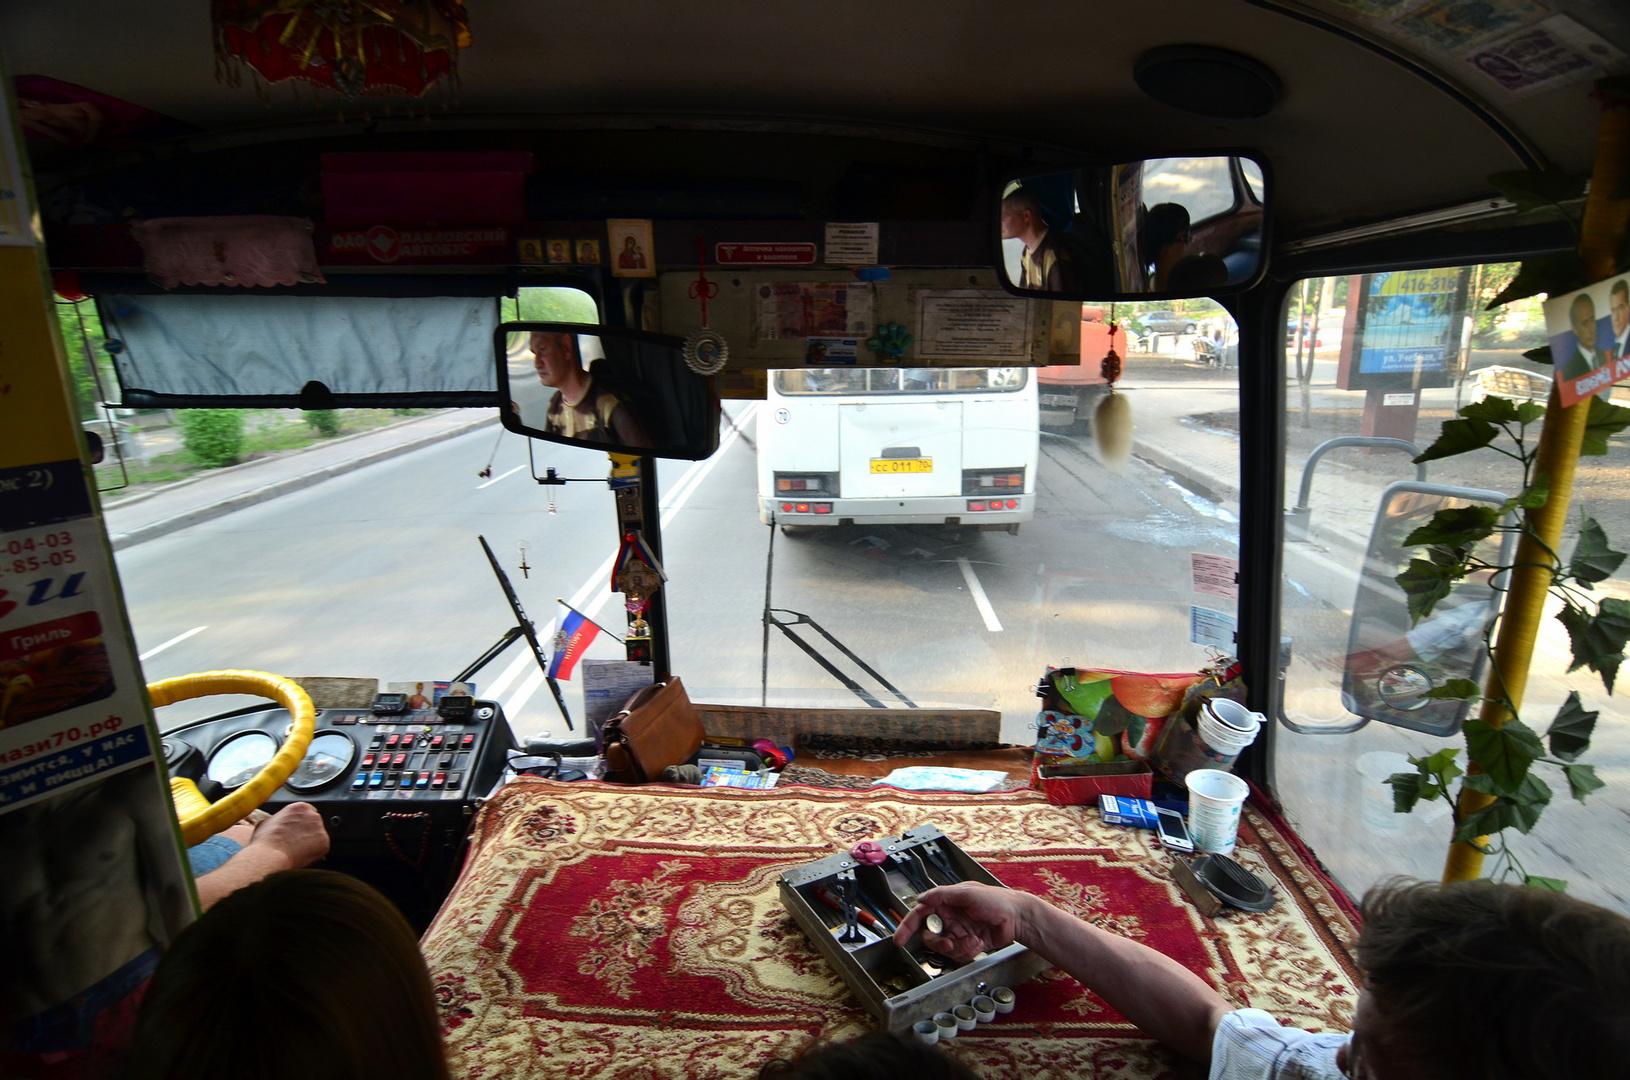 Busfahren in Russland